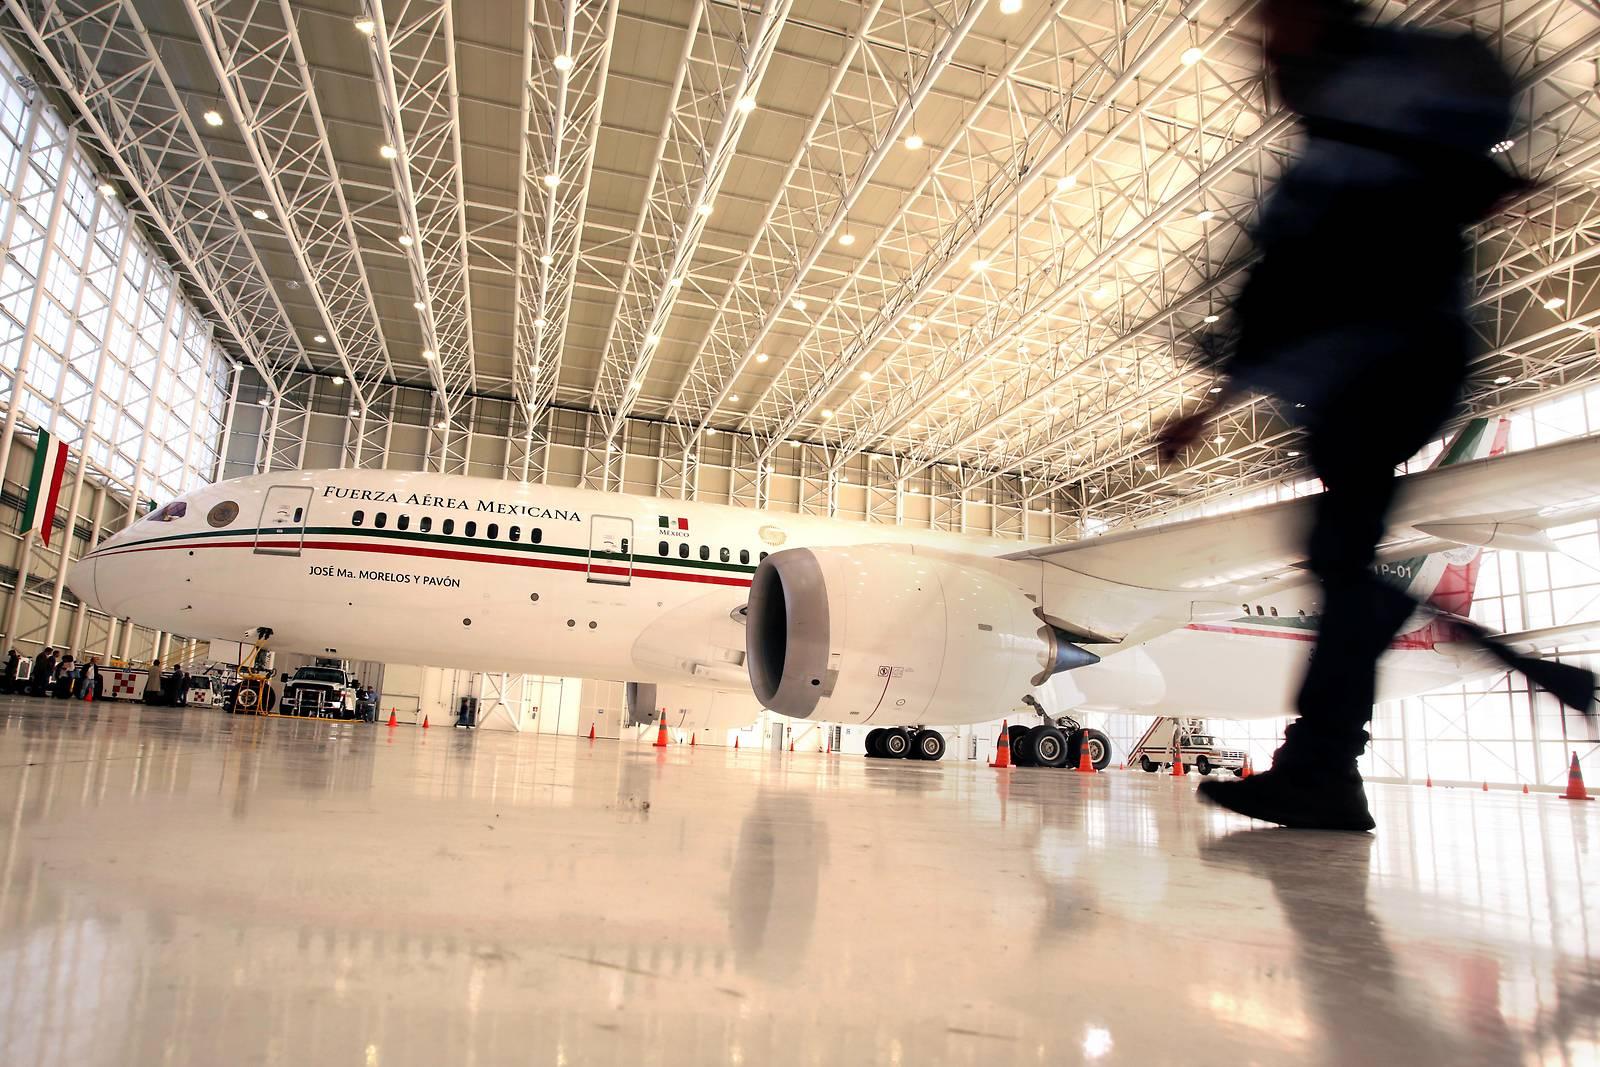 Mexikos Präsident verkauft Präsidentenflugzeug